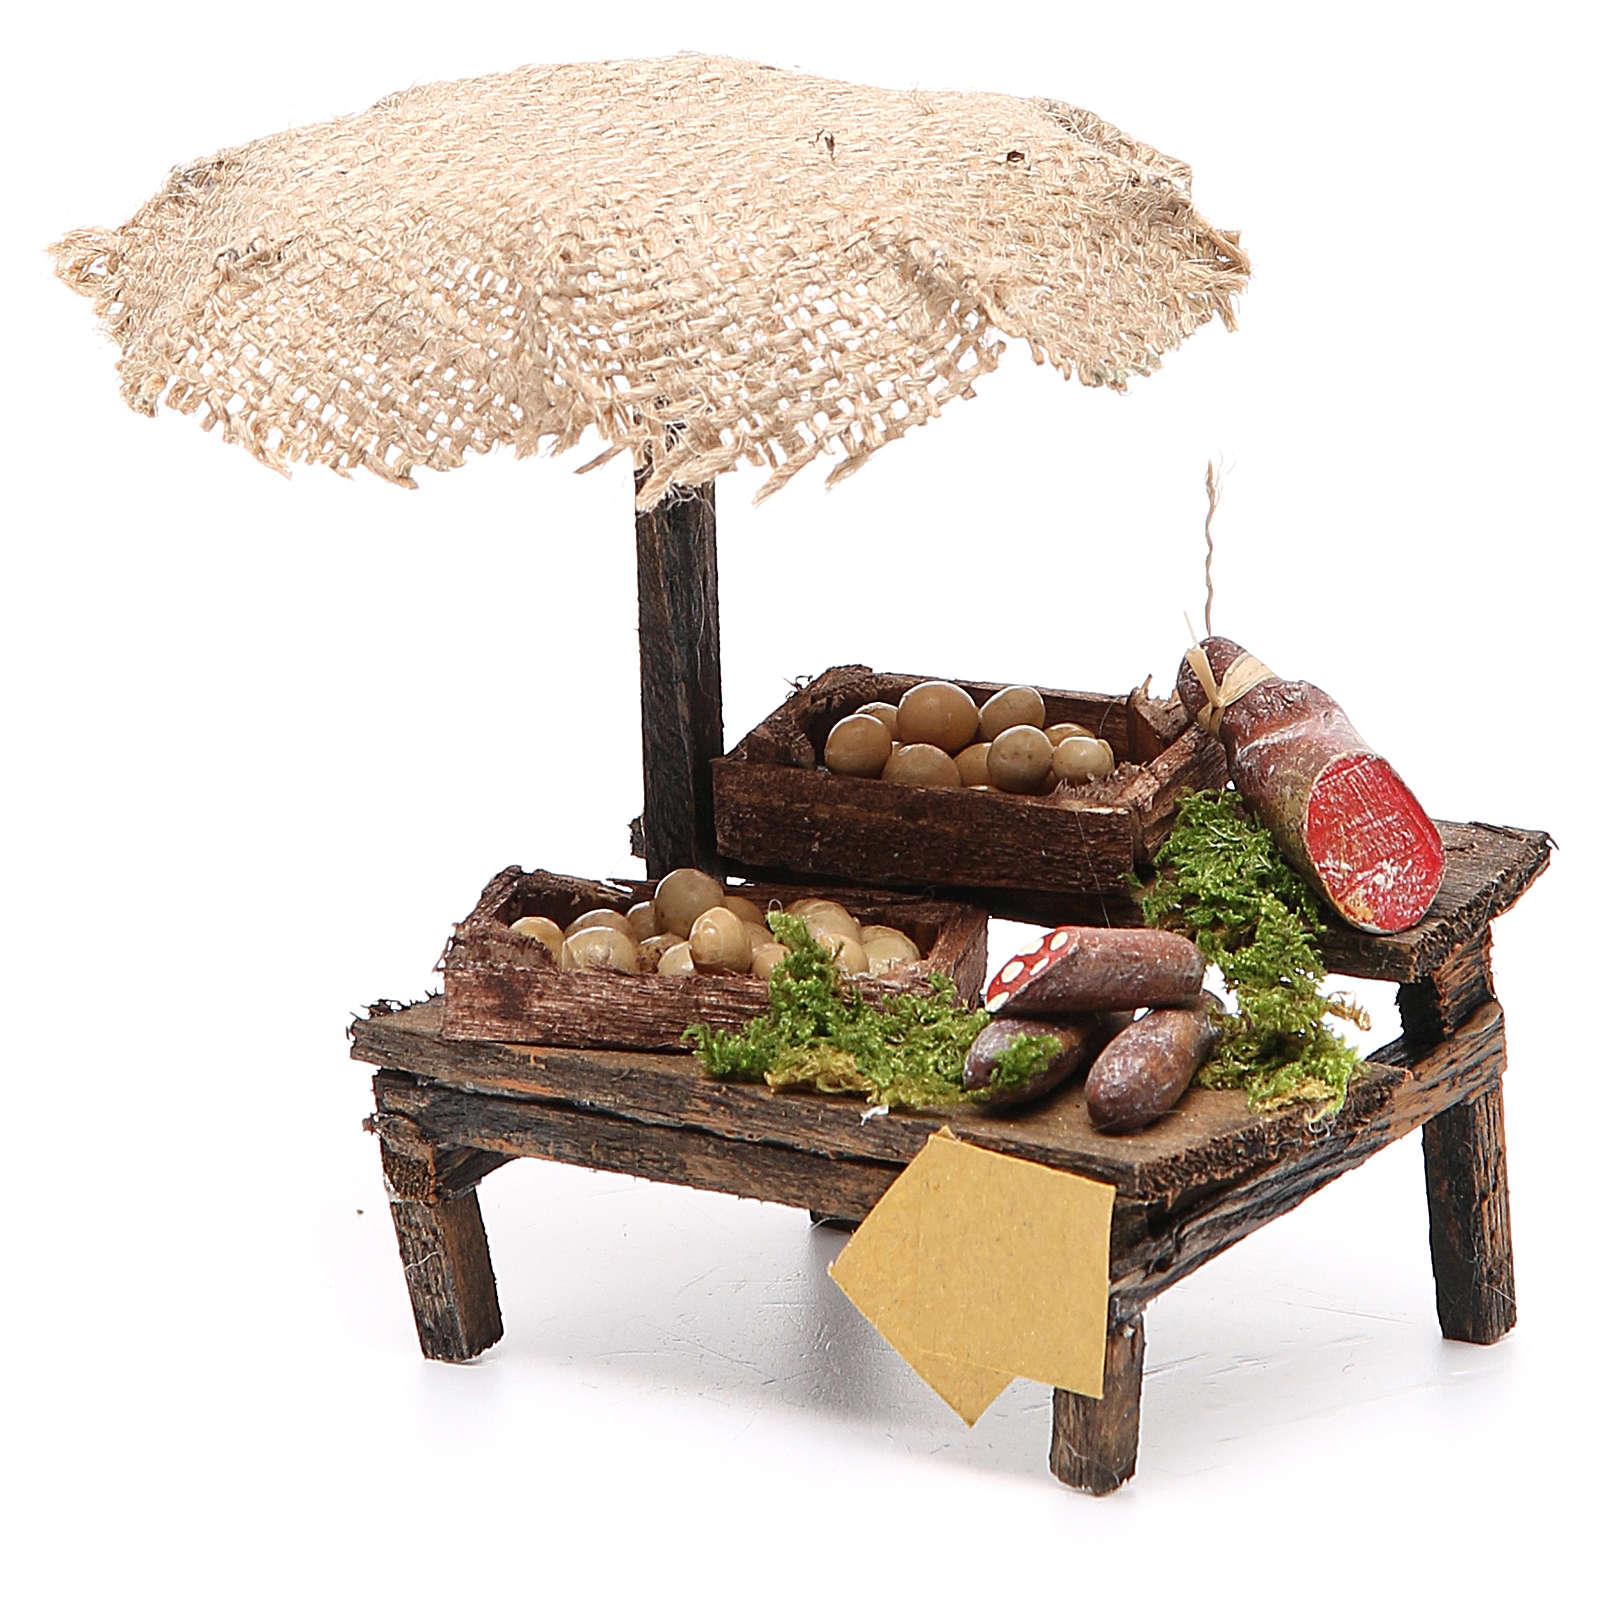 Banco salumi uova presepe con ombrello 12x10x12 cm 4